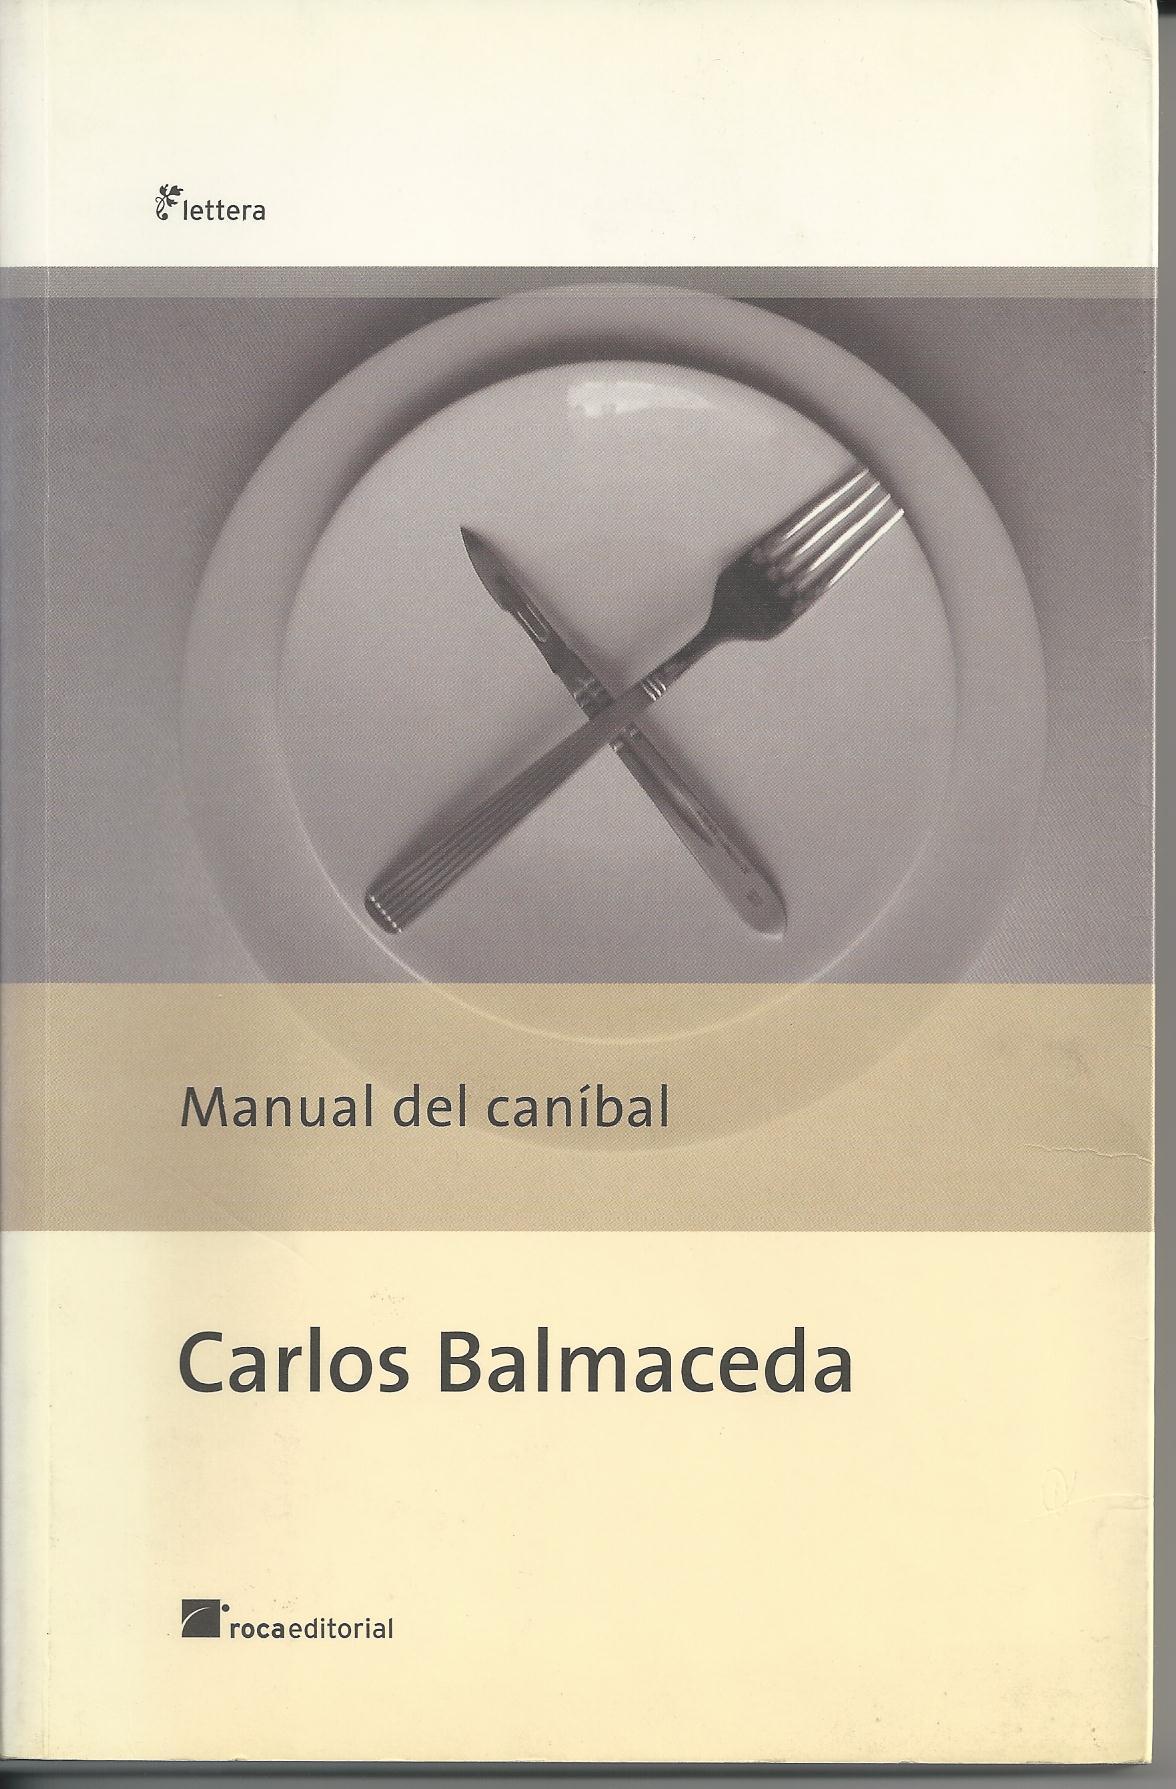 Manual del caníbal